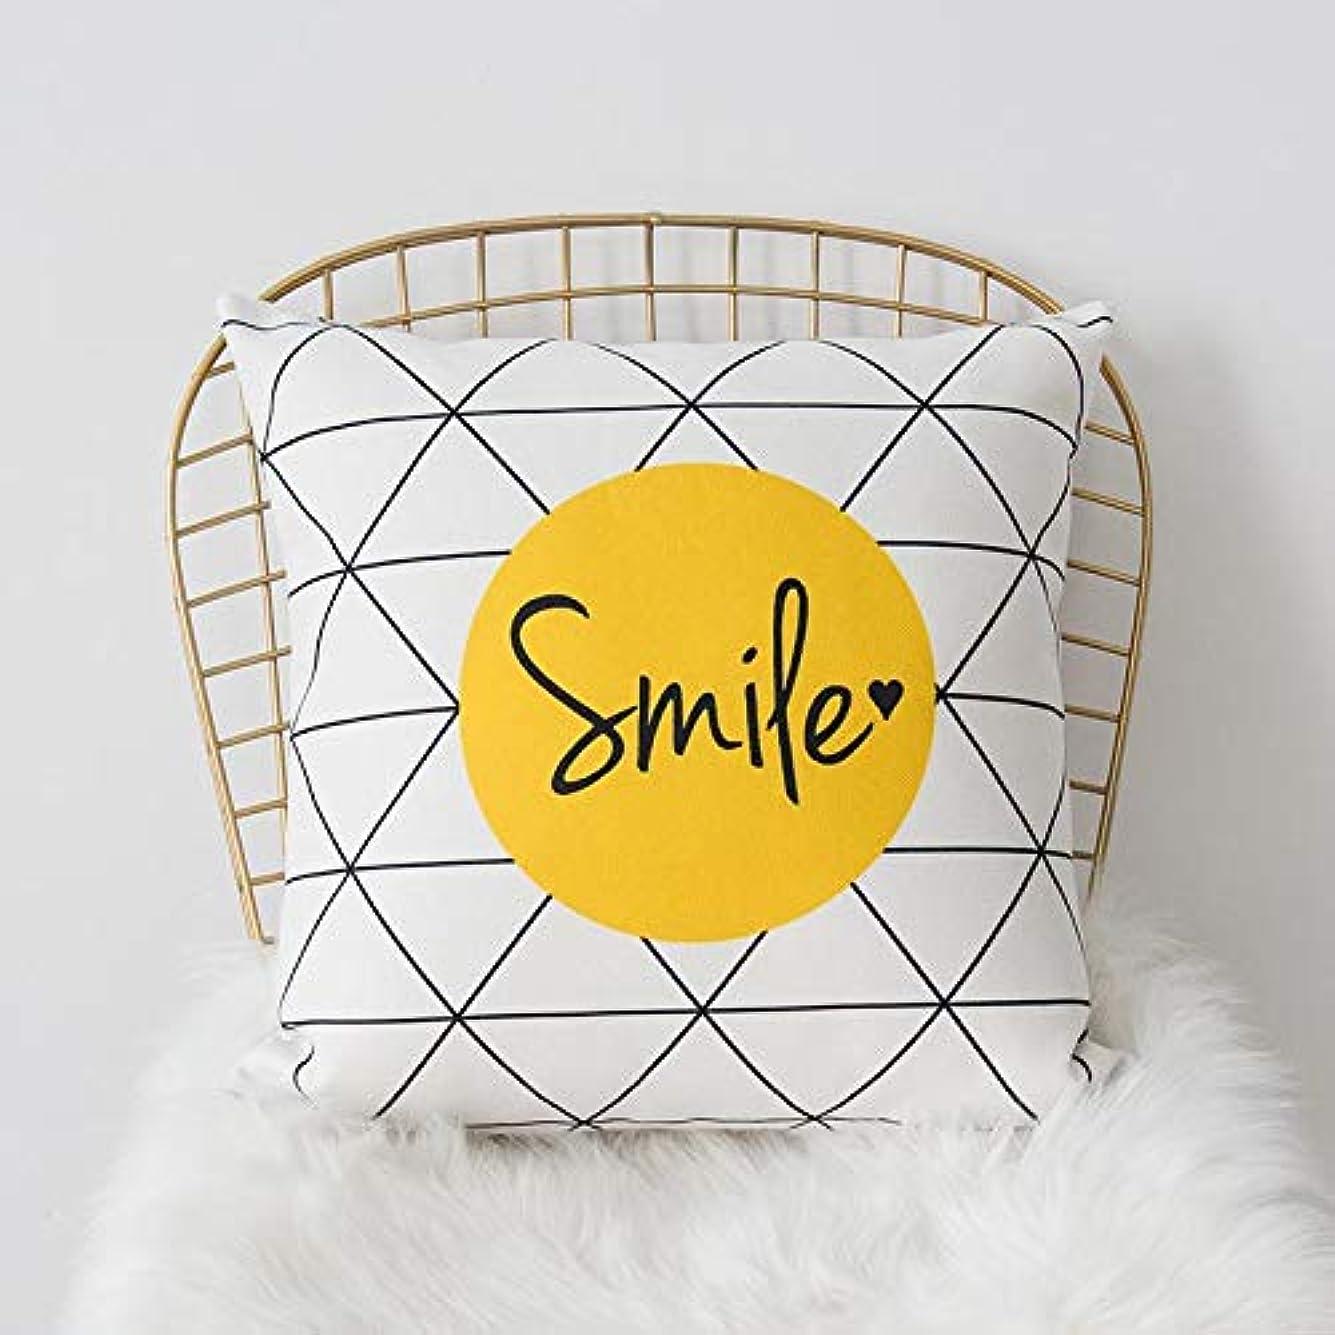 ぼかしと遊ぶお互いLIFE 黄色グレー枕北欧スタイル黄色ヘラジカ幾何枕リビングルームのインテリアソファクッション Cojines 装飾良質 クッション 椅子